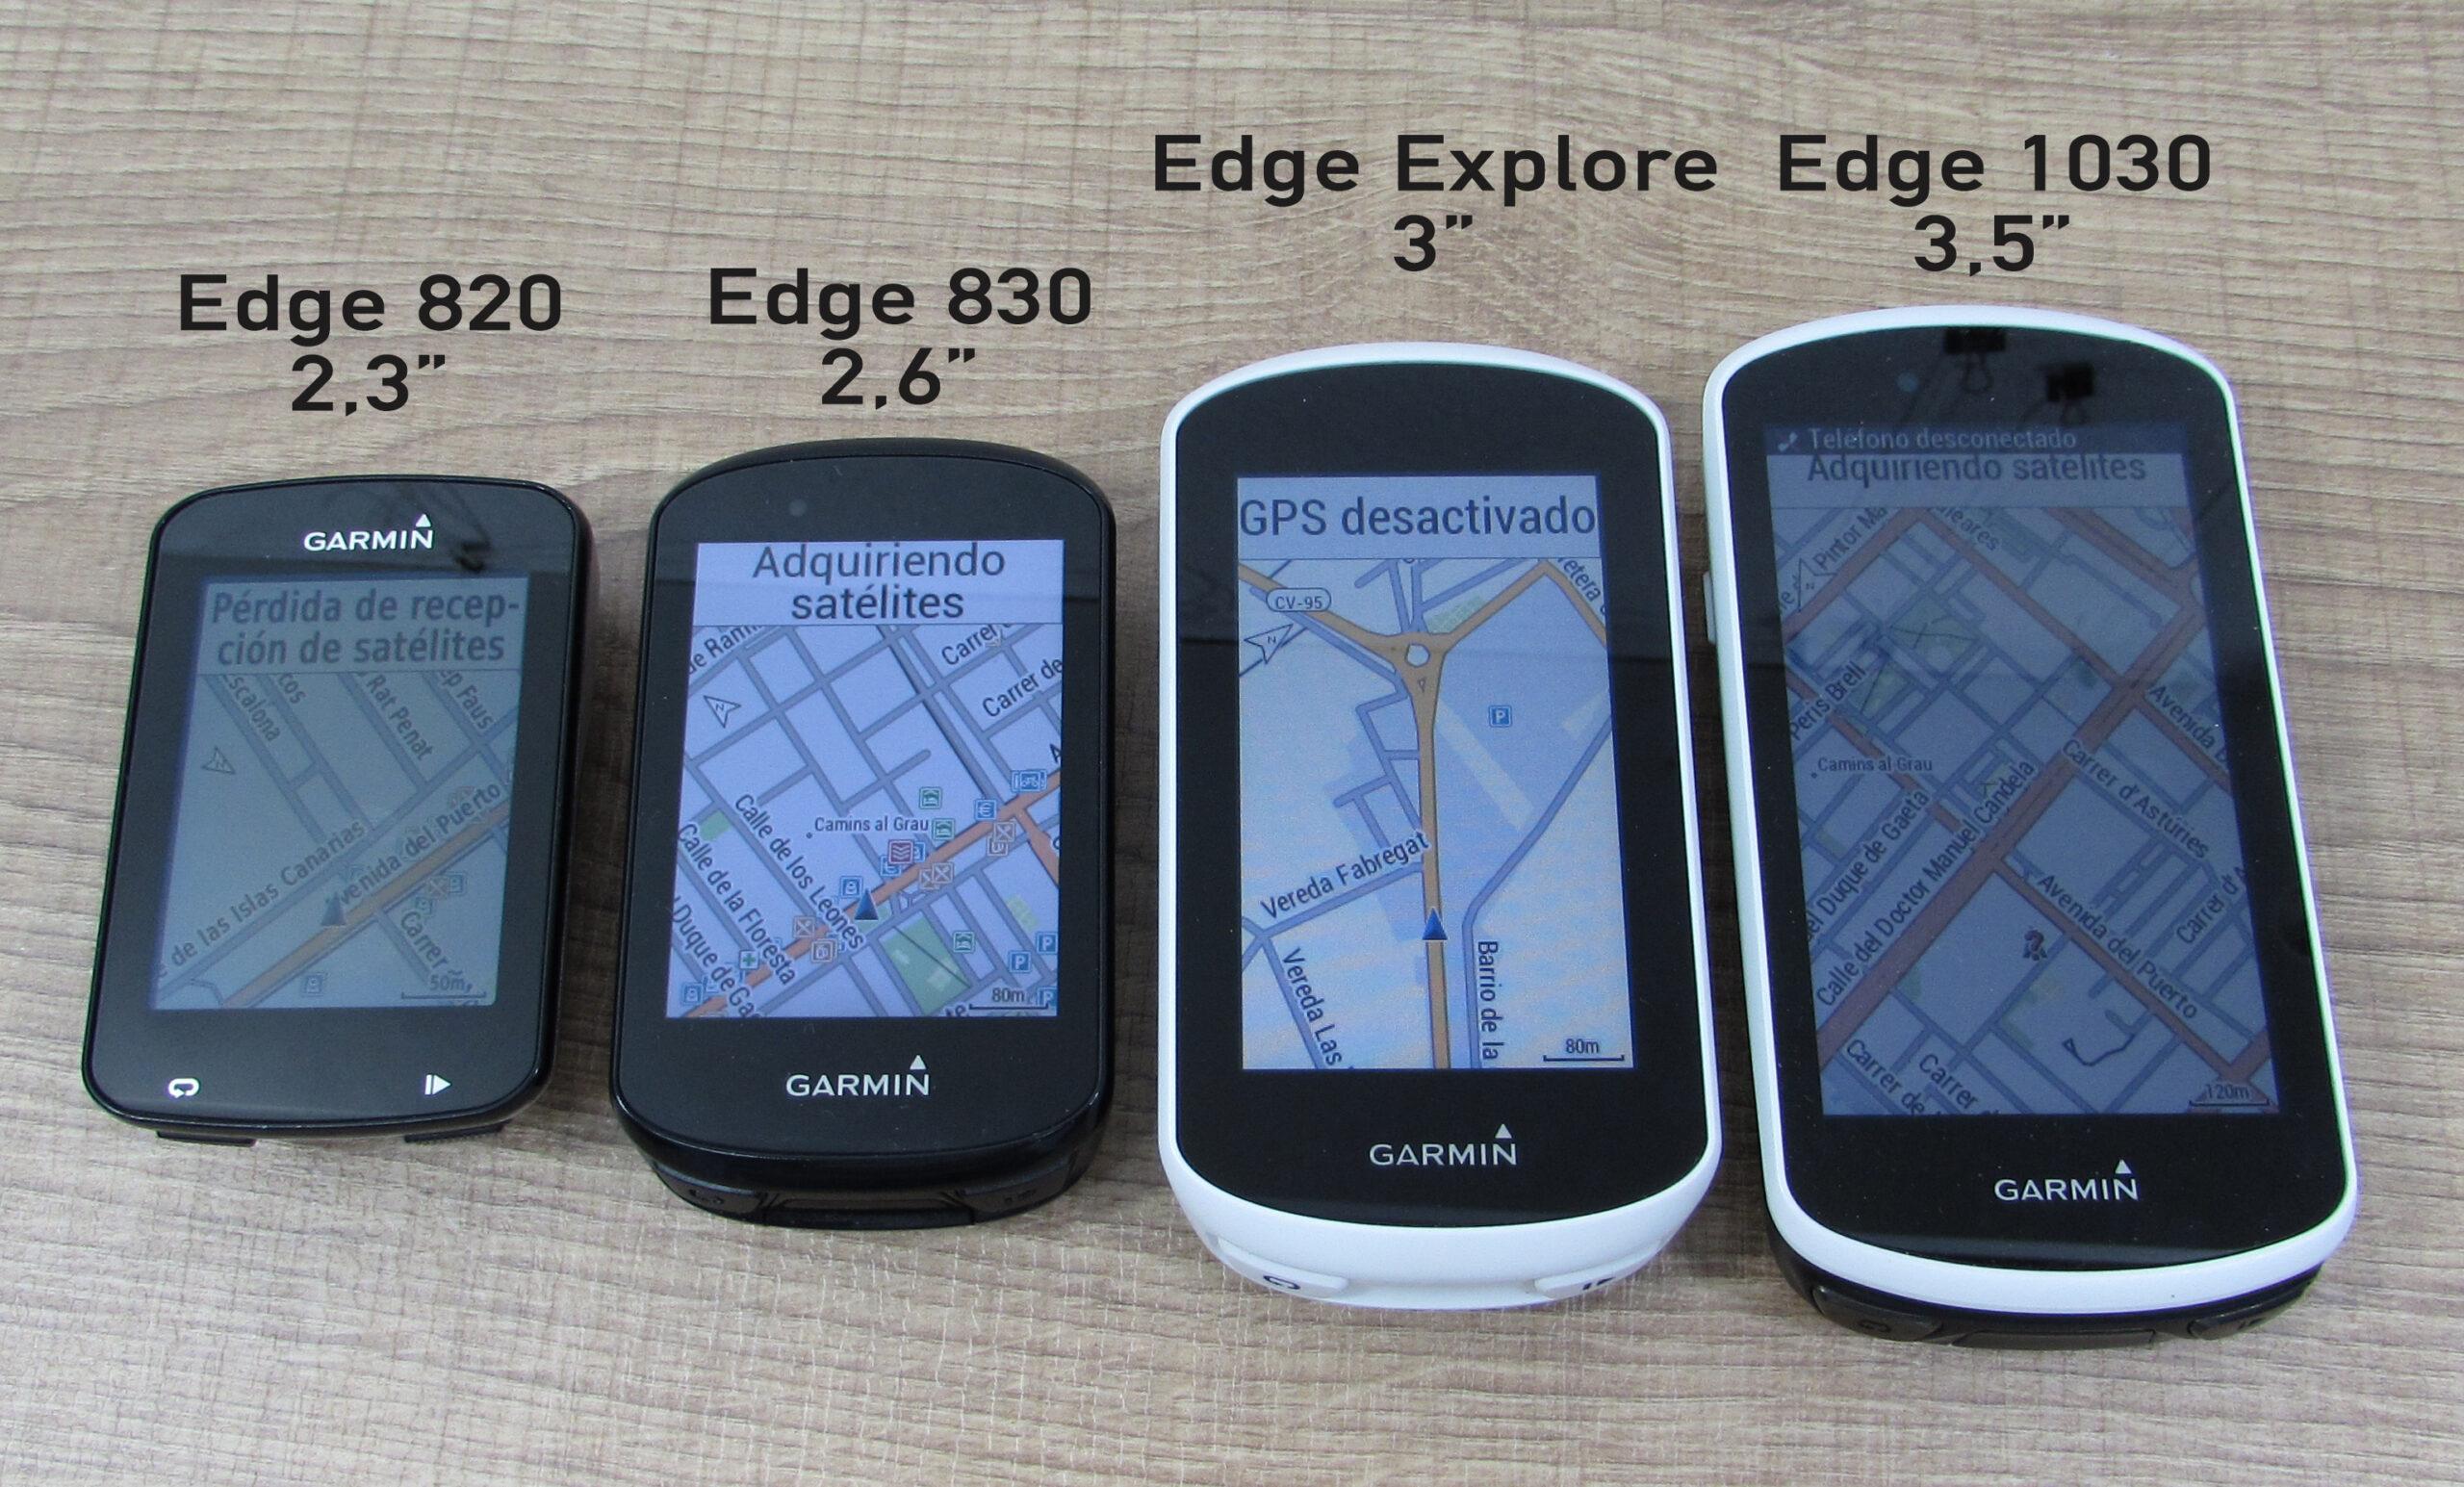 Diferencias de tamaño de pantalla Garmin Edge 820 vs Edge 830 vs Edge Explore vs Edge 1030.